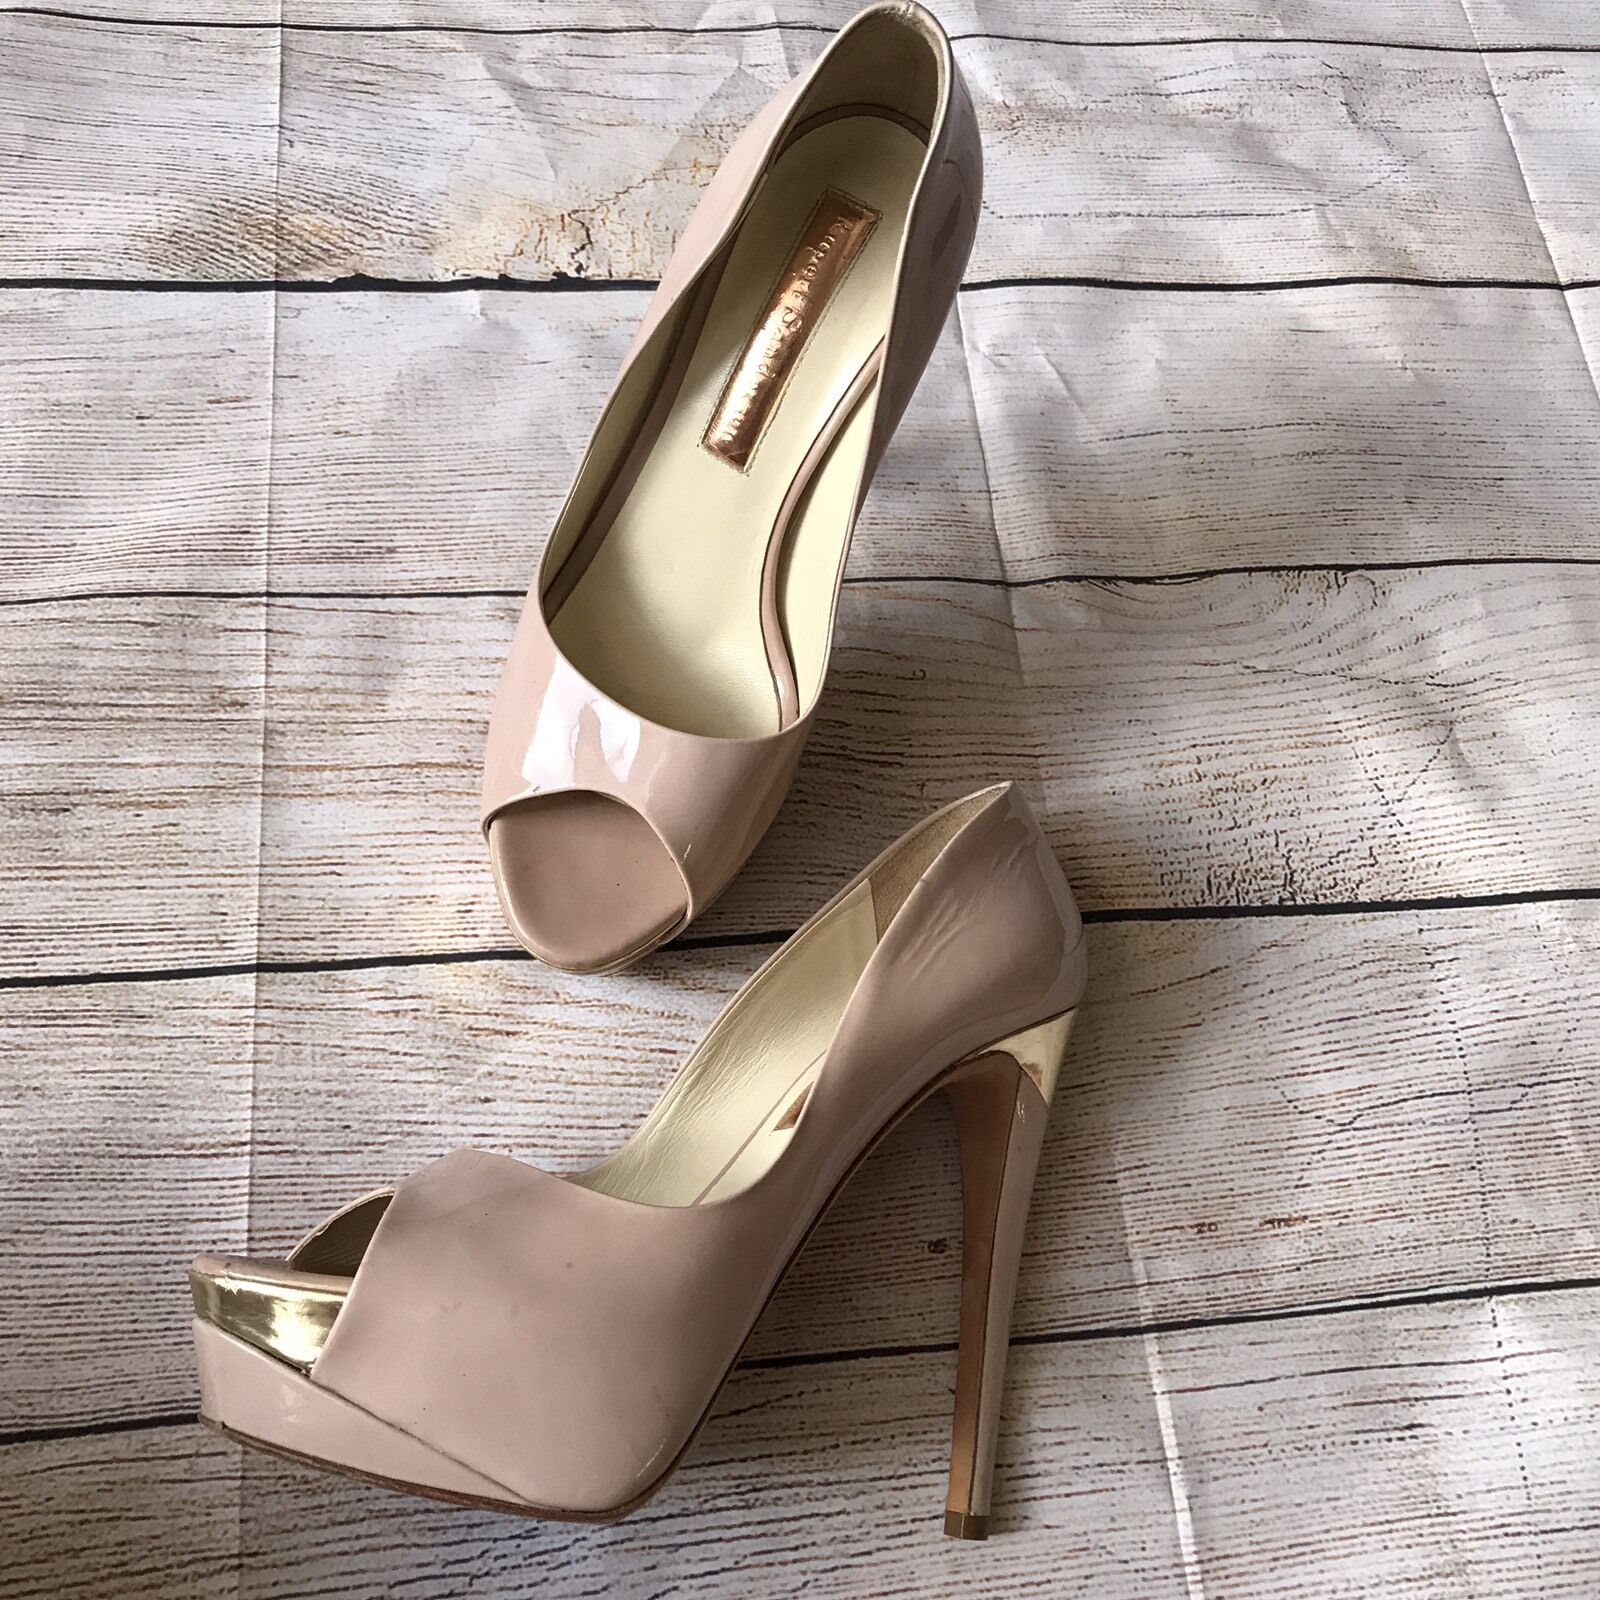 negozio all'ingrosso Rupert Sanderson Sanderson Sanderson donna Platform Heels Dimensione 37 rosa Patent Leather oro Accent  miglior prezzo